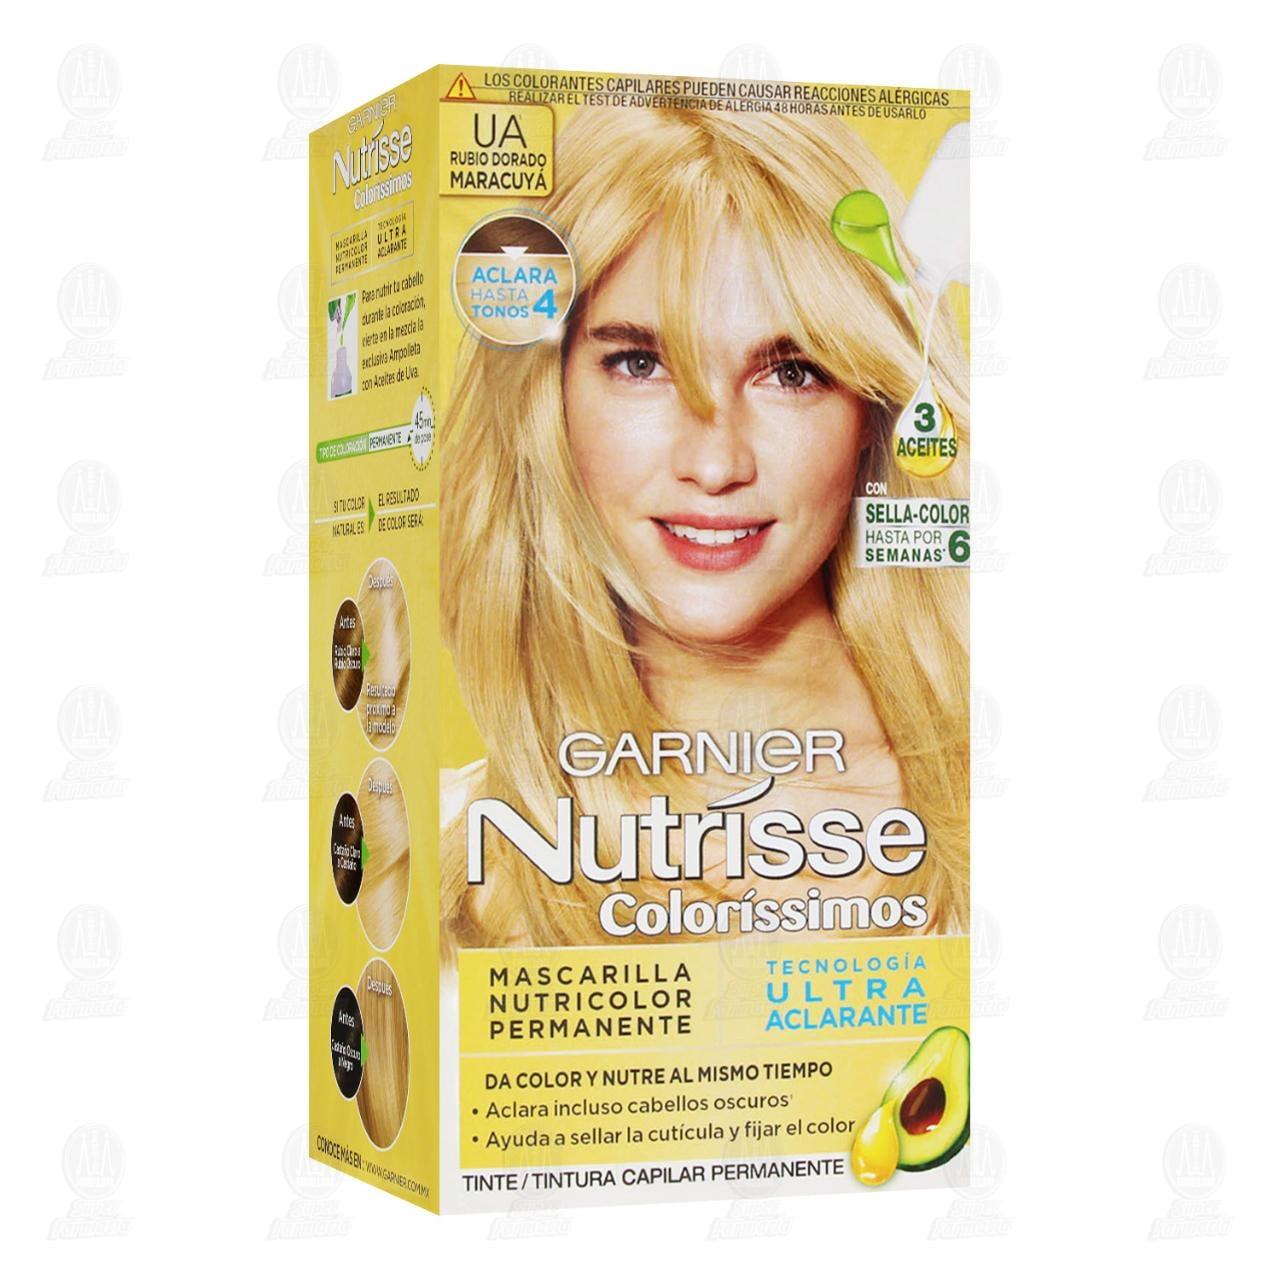 comprar https://www.movil.farmaciasguadalajara.com/wcsstore/FGCAS/wcs/products/1318241_A_1280_AL.jpg en farmacias guadalajara